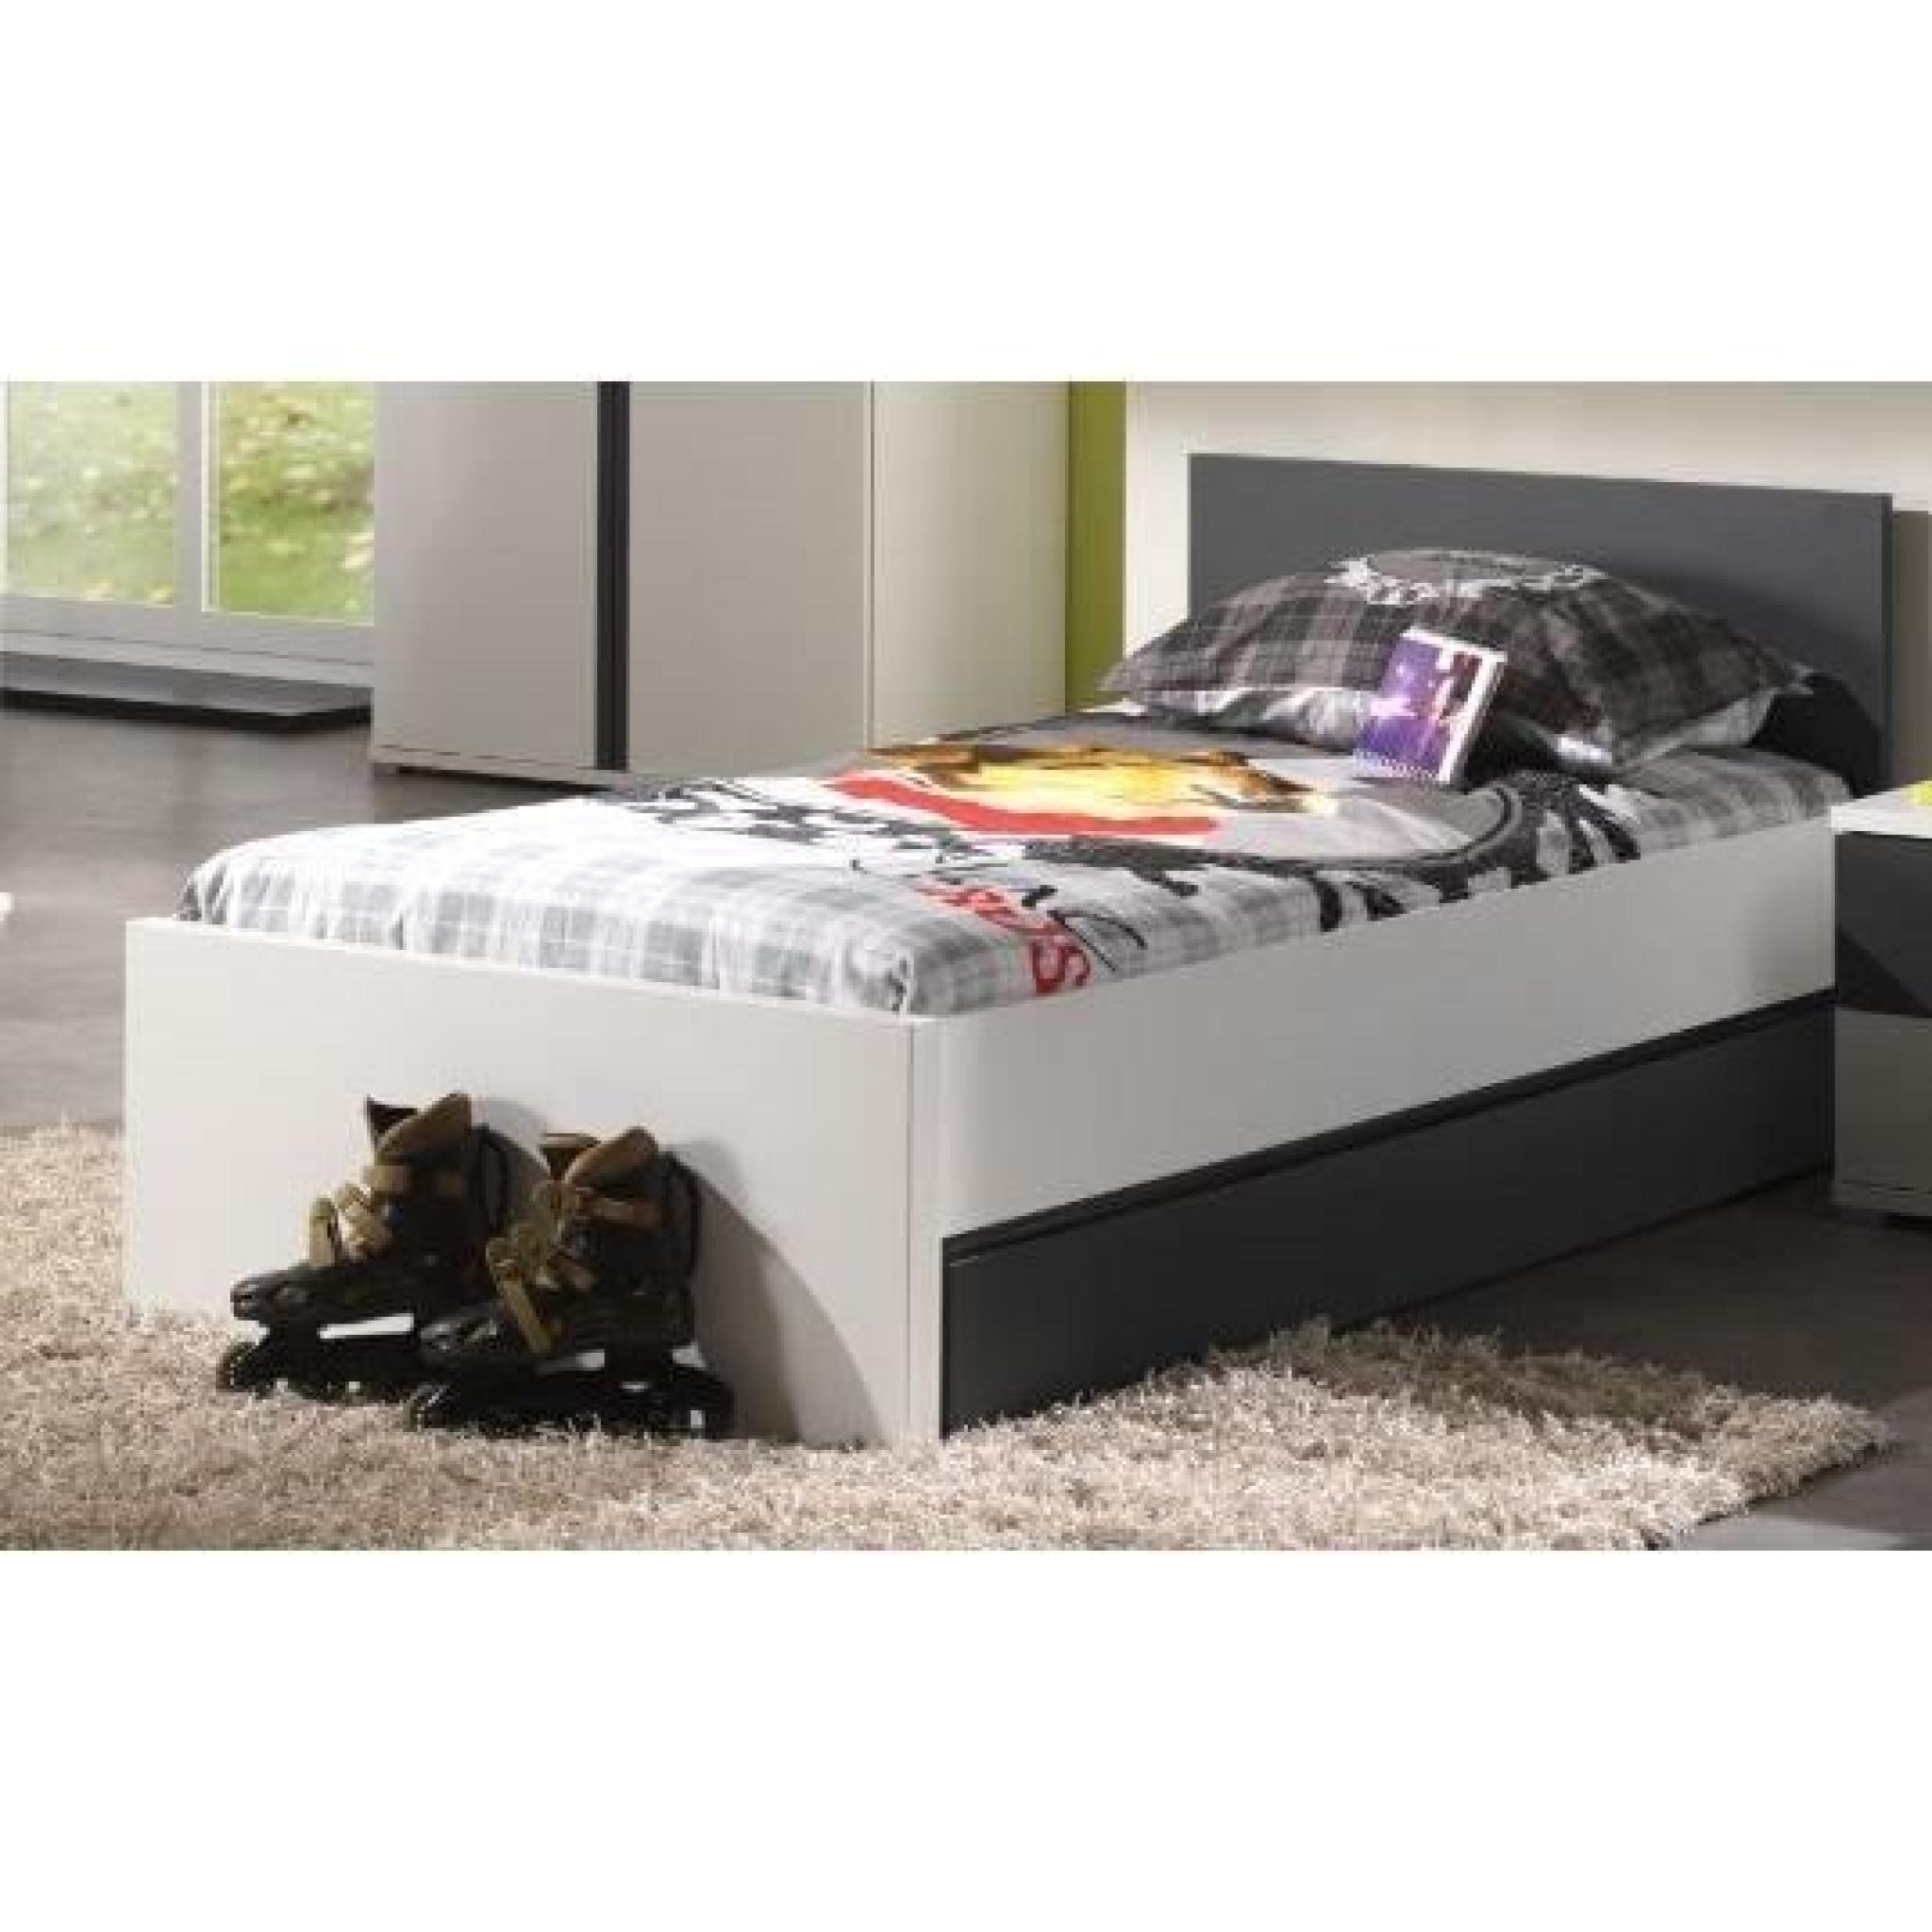 josh ensemble chambre enfant lit tiroir chevet achat vente chambre complete pas cher couleur. Black Bedroom Furniture Sets. Home Design Ideas